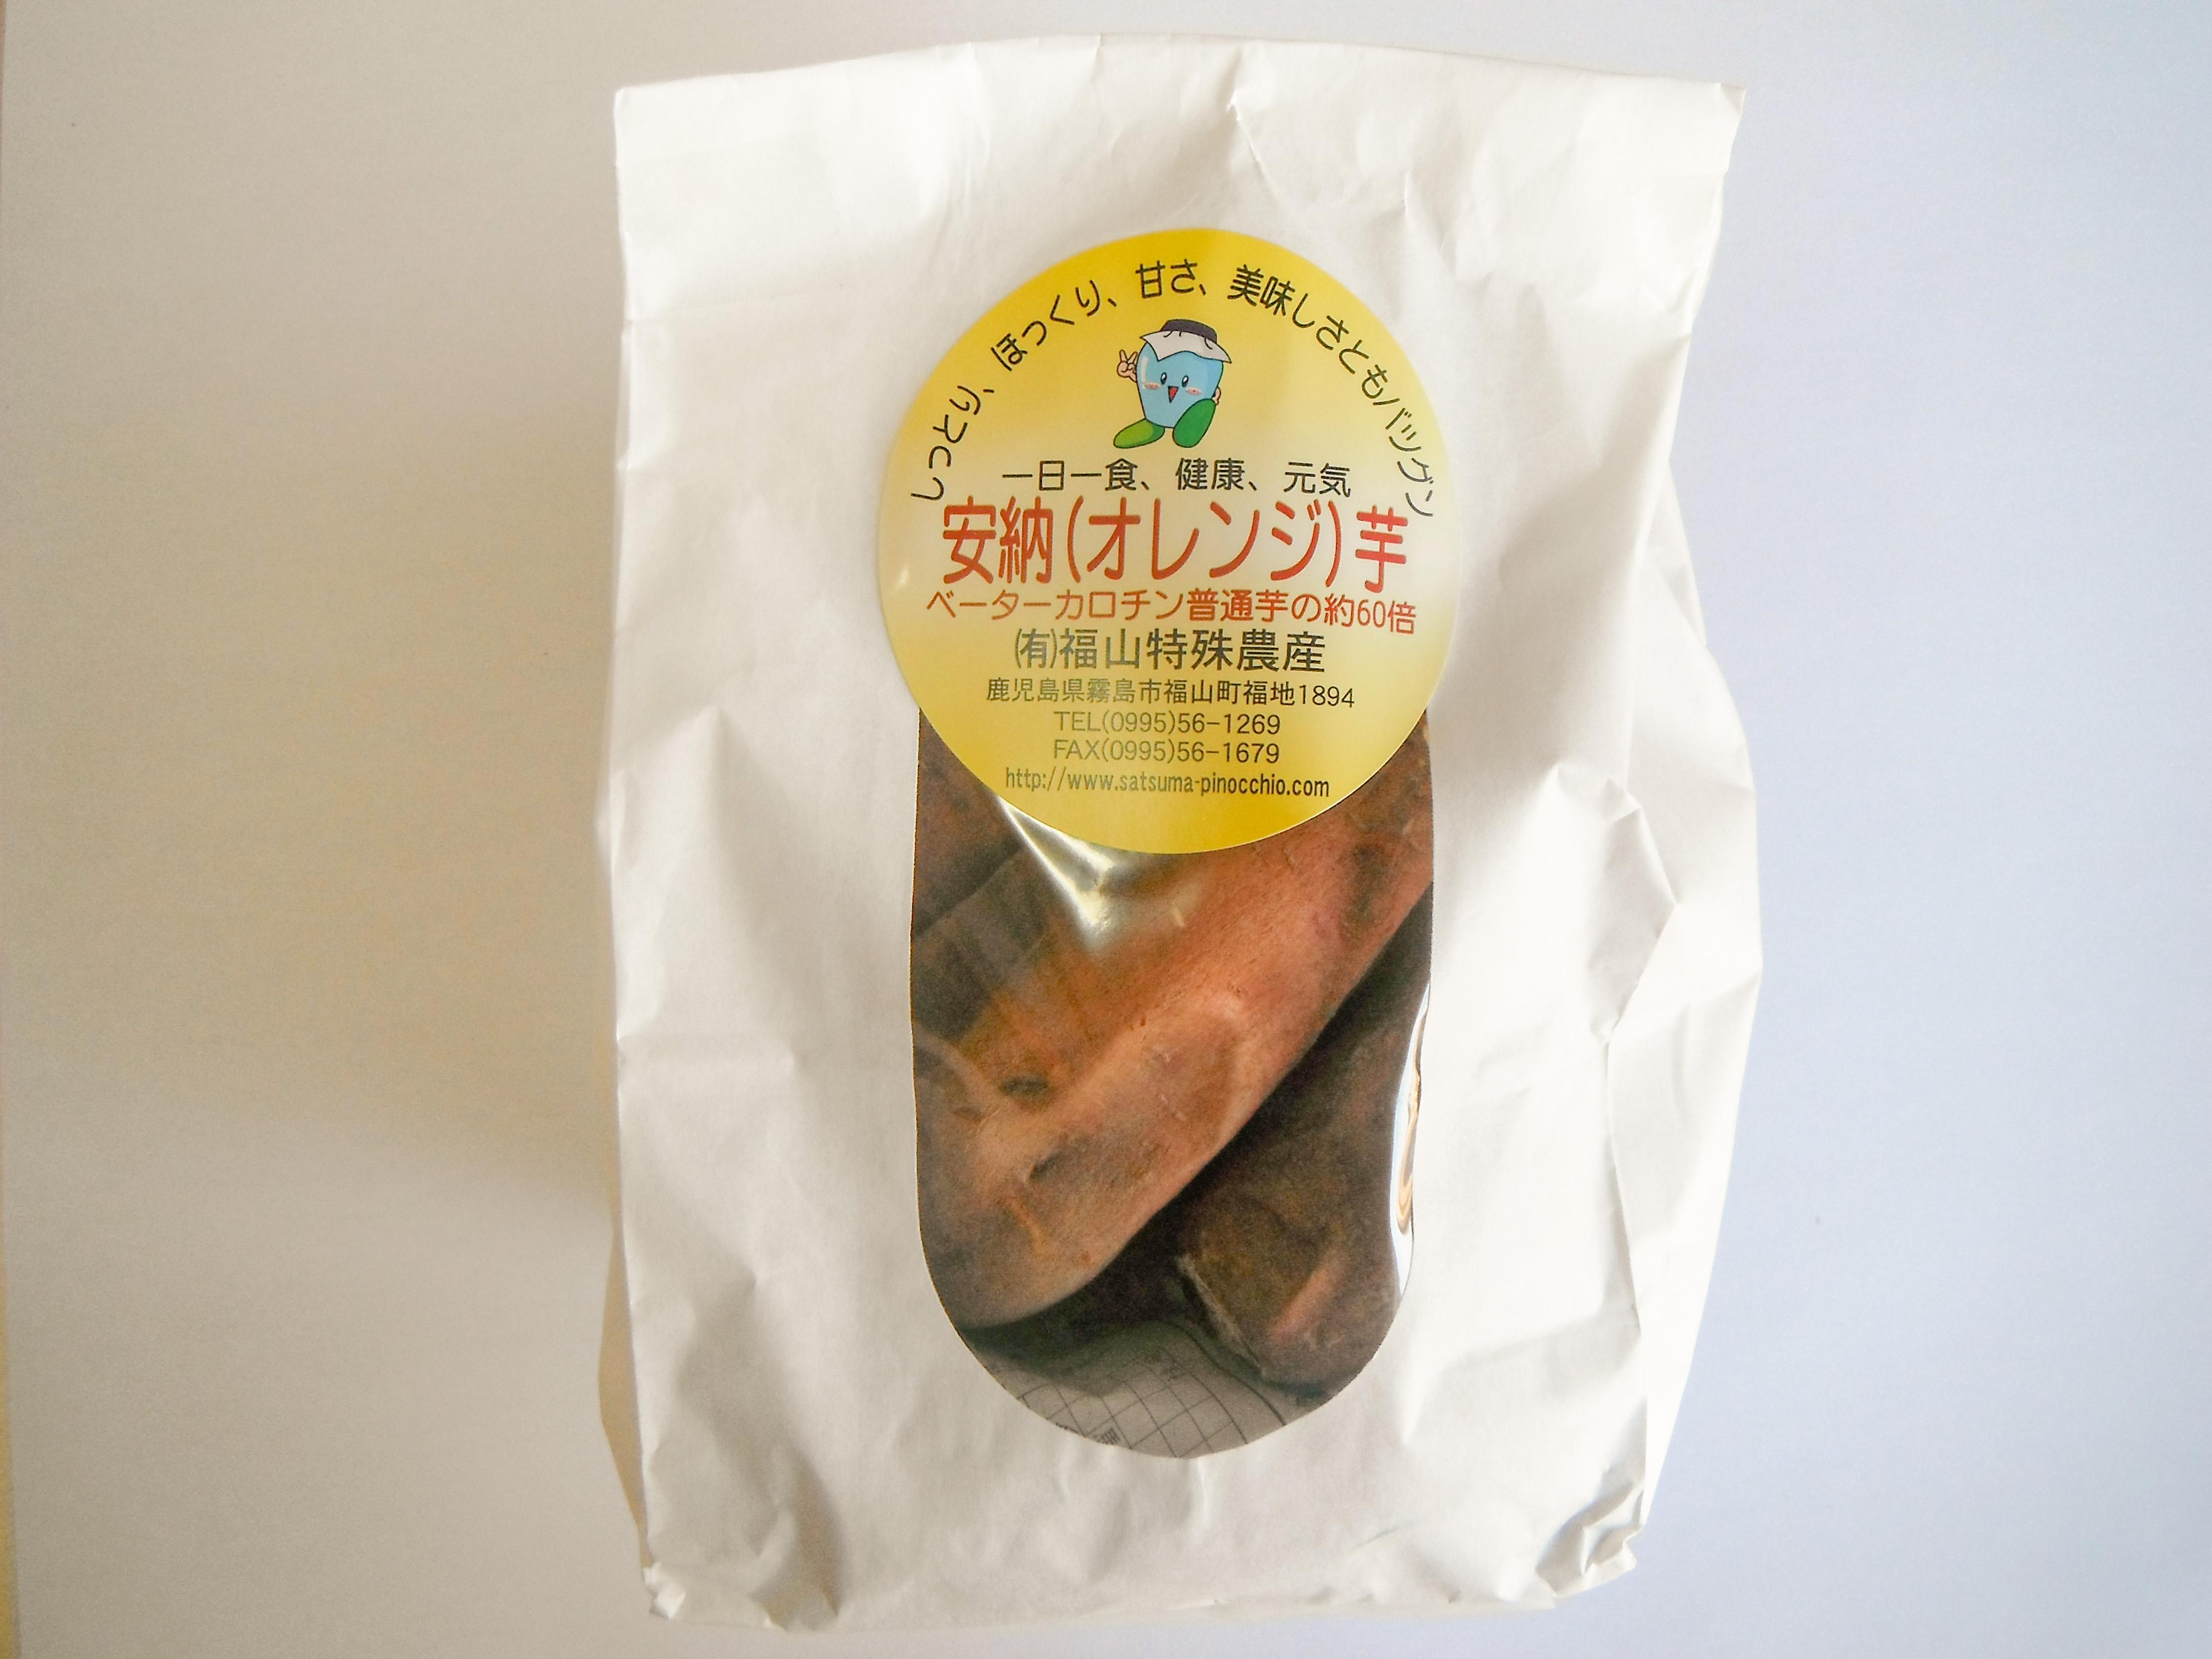 むっちゃ甘い安納芋(焼き芋)【0.4kg】